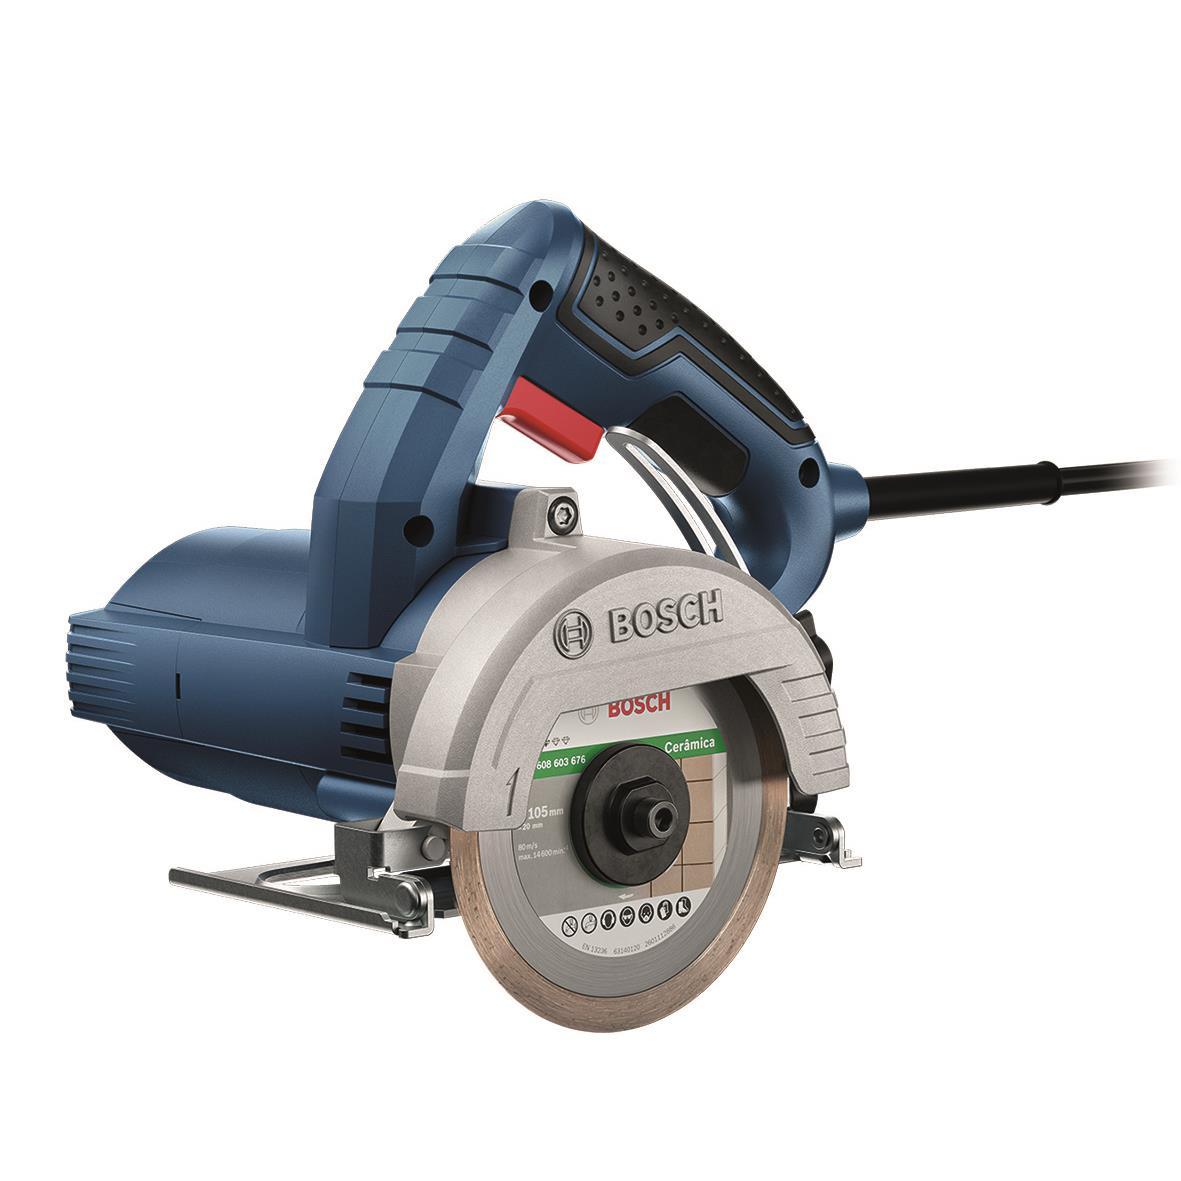 Serra Marmore Corte em Angulo 125mm 1500W 220V GDC151 06015487E2000 - Bosch